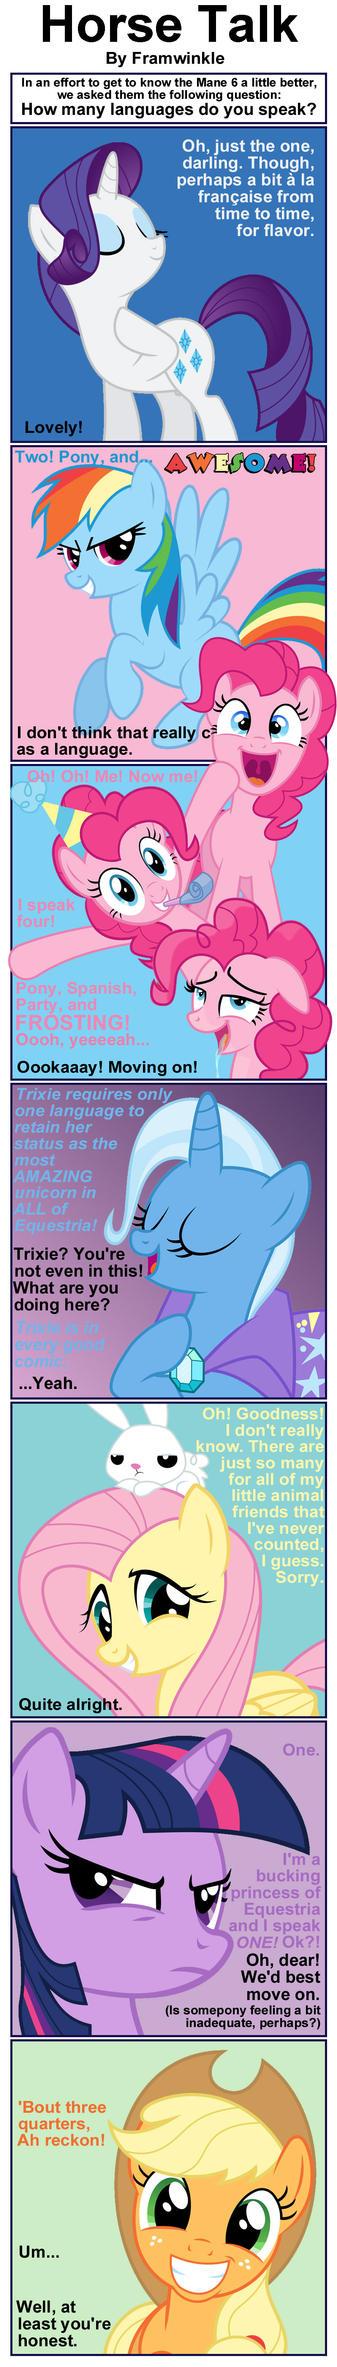 Horse Talk by Framwinkle